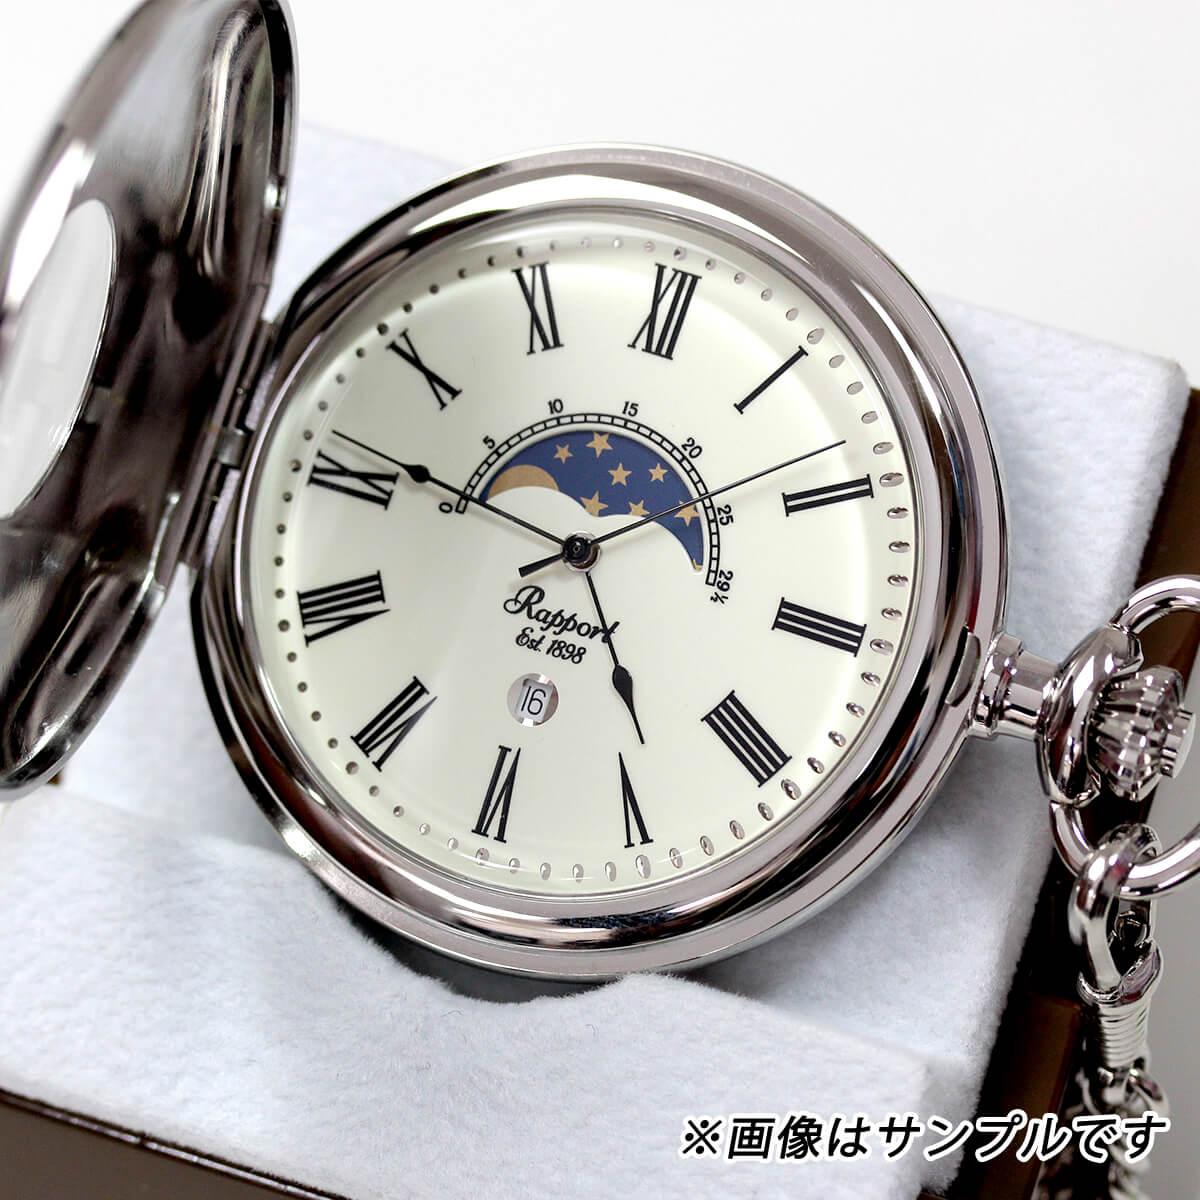 懐中時計を置いたイメージ rapport pw81